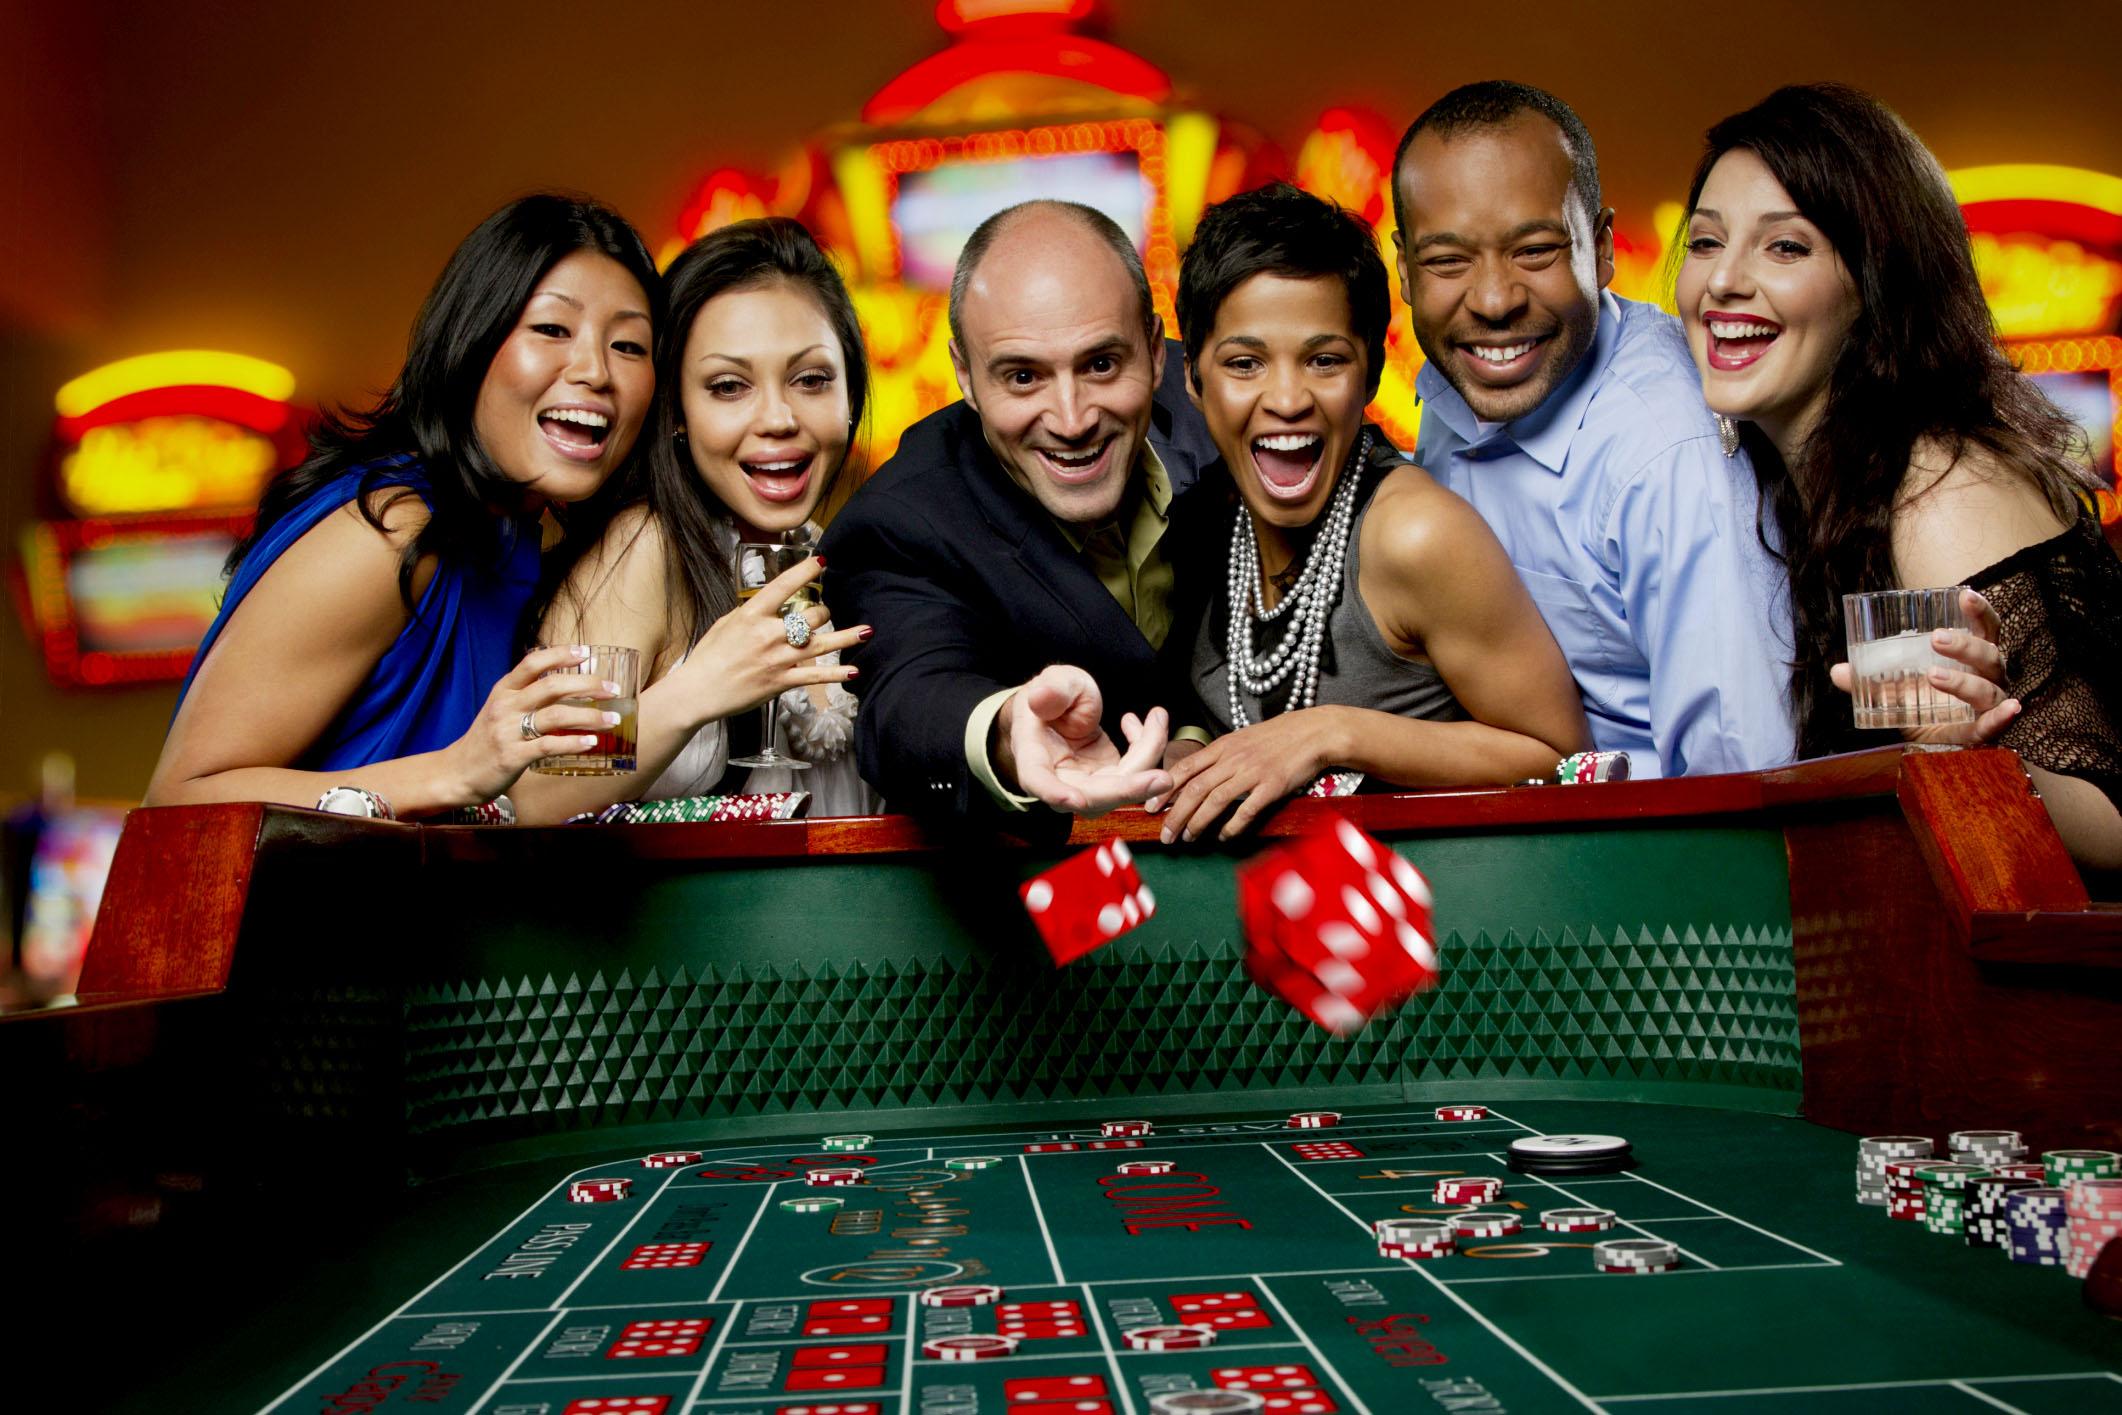 в мардж казино играет